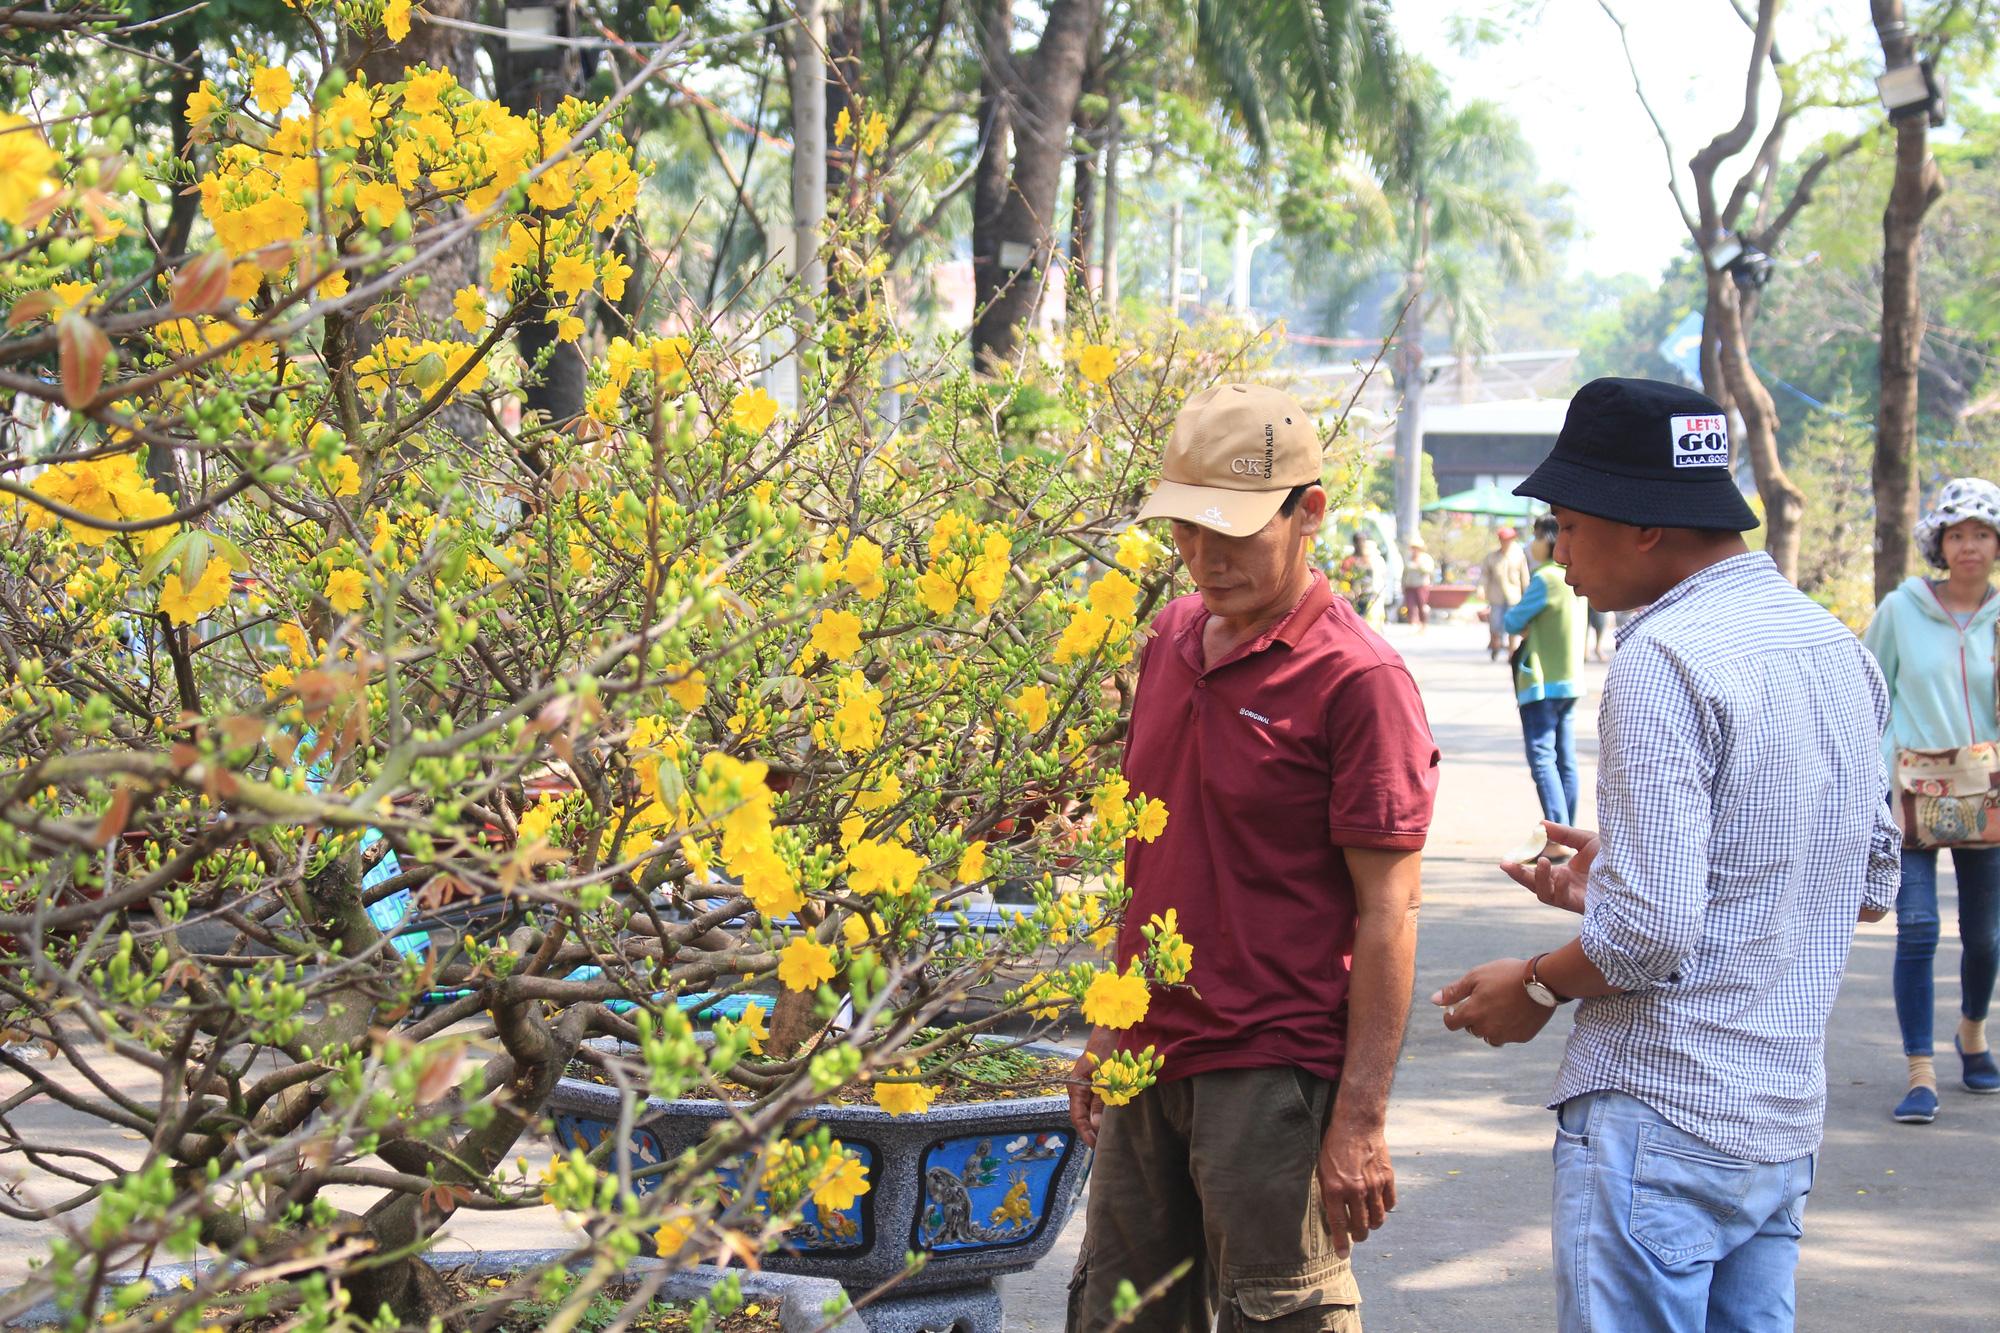 Mai, đào, tắc tiền triệu tại chợ hoa Sài Gòn ngóng người mua, có nhà vườn treo biển đồng giá 100.000 đồng mỗi chậu - Ảnh 3.